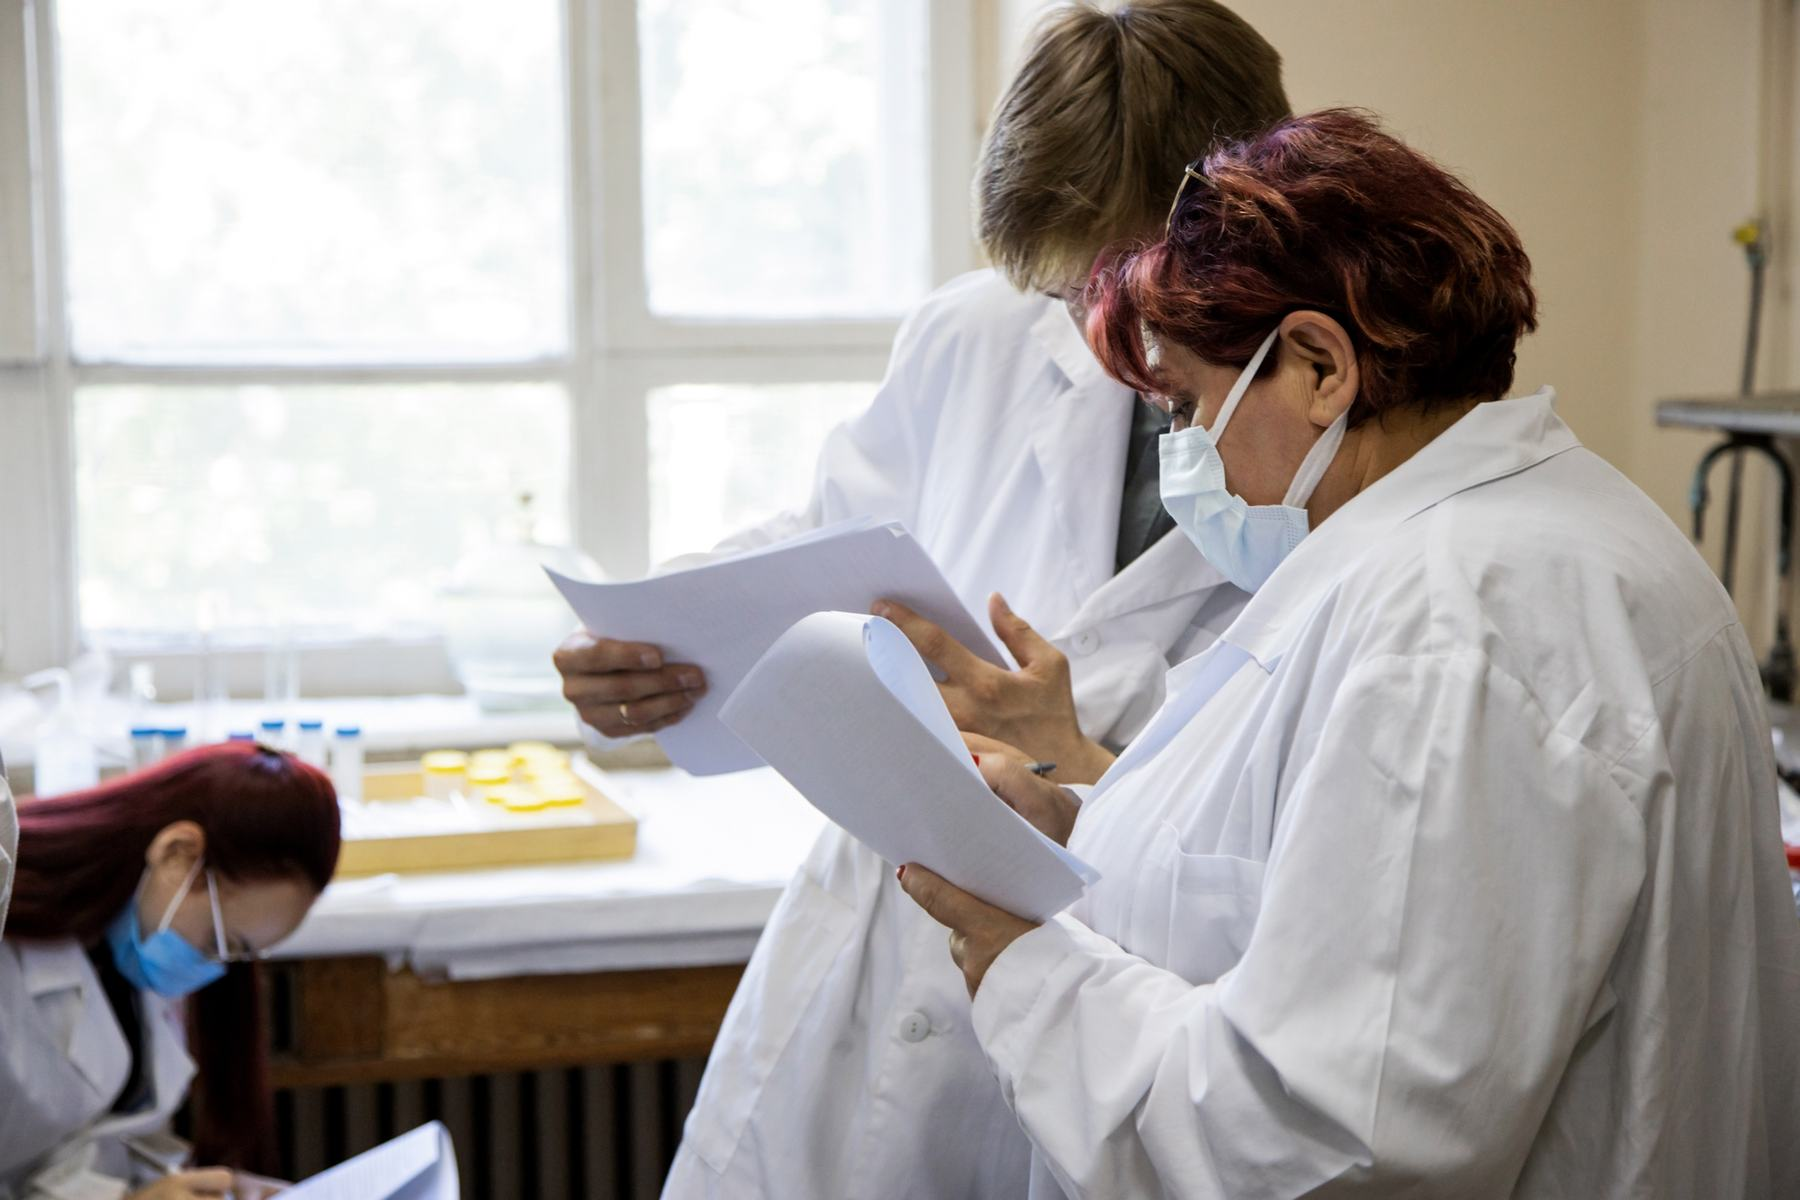 Иностранные преподаватели и аспиранты прошли обучение в области обращения с радиоактивными отходами в рамках Международной школы МГУ